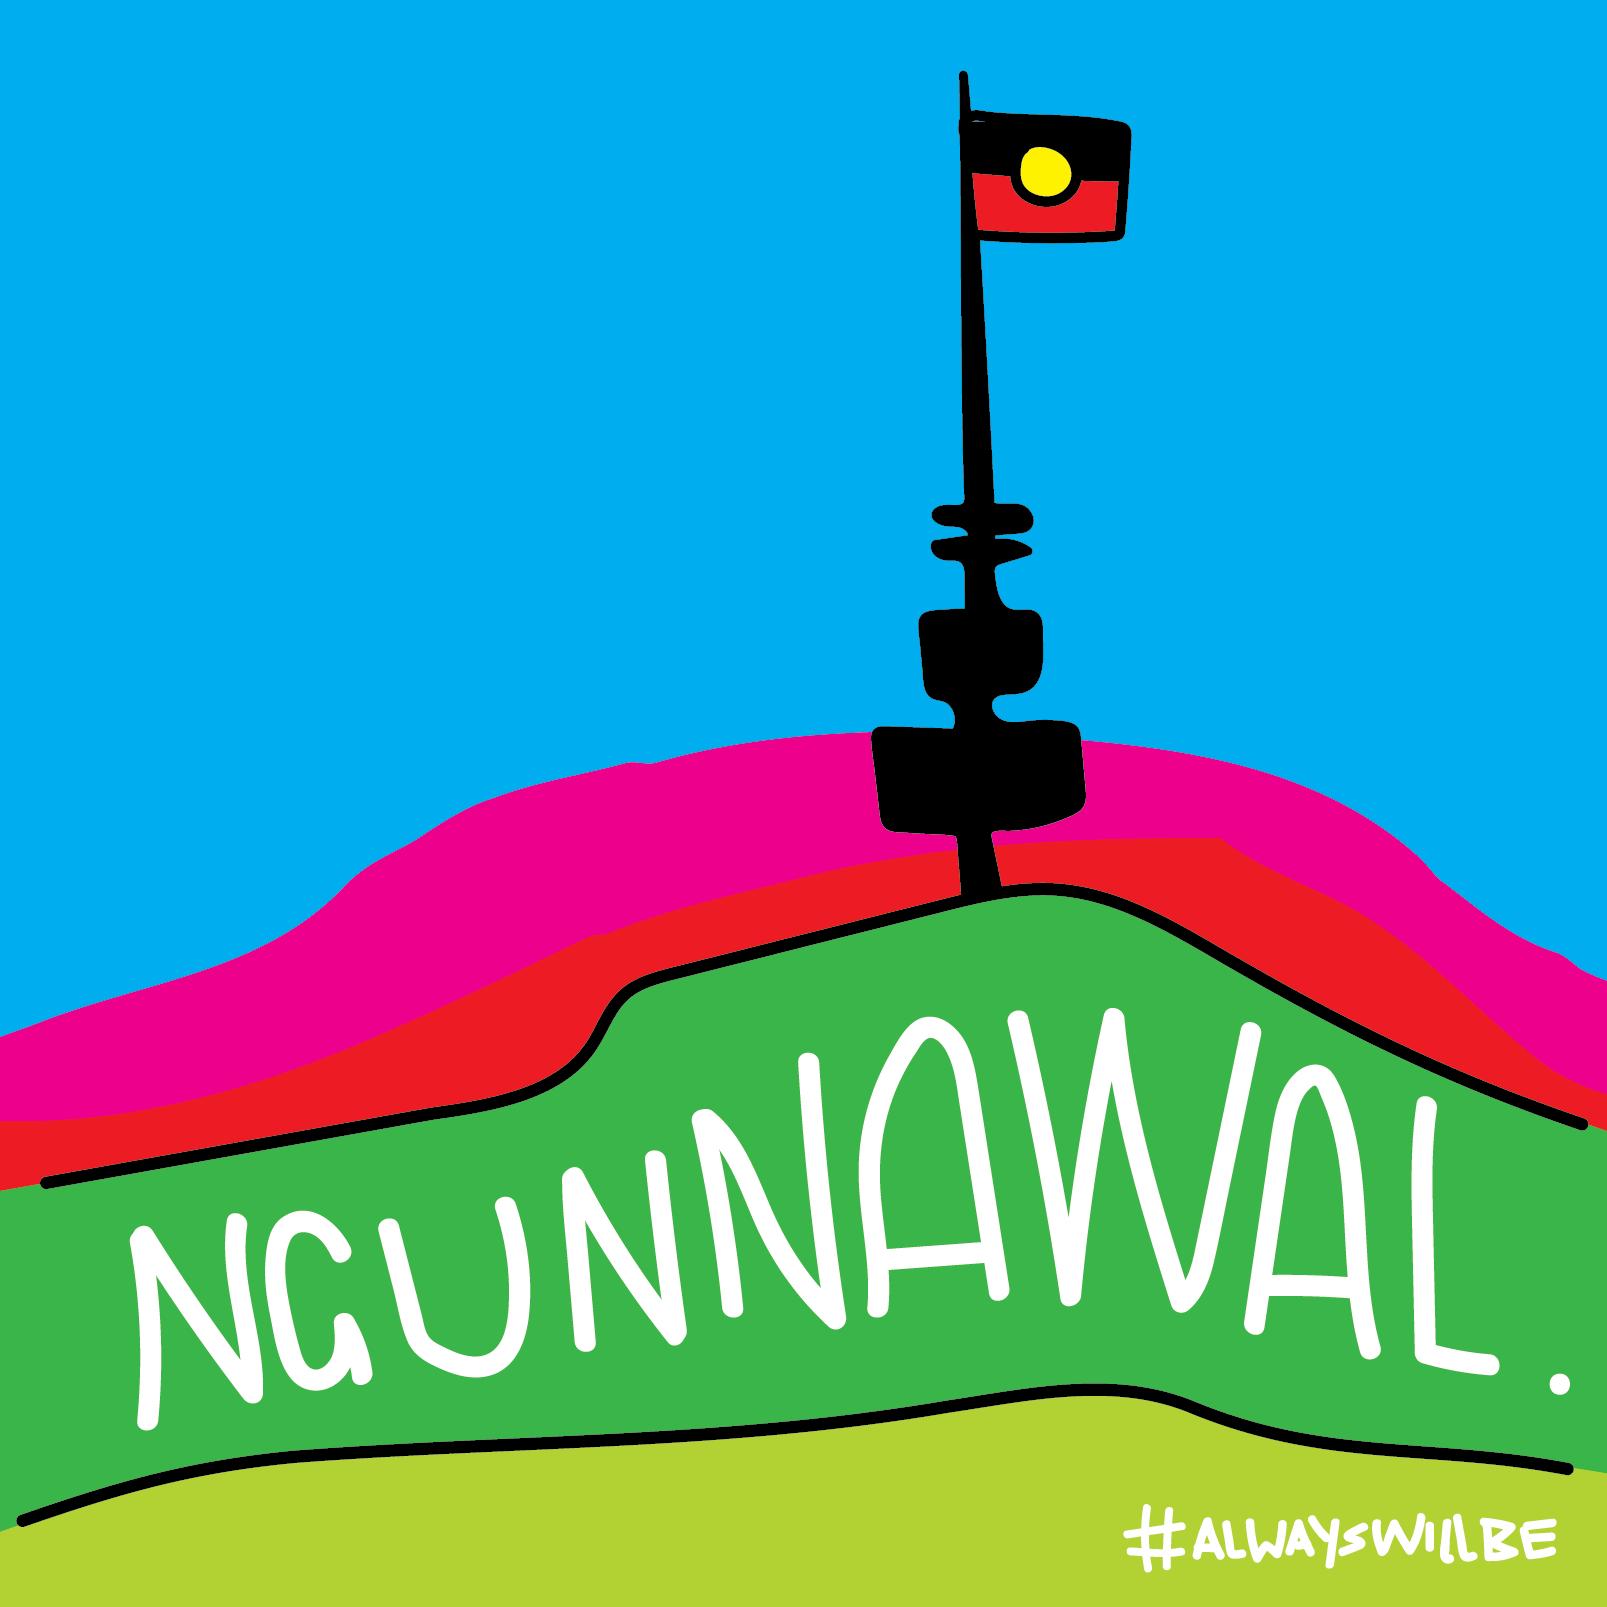 Ngunnawal (Canberra)